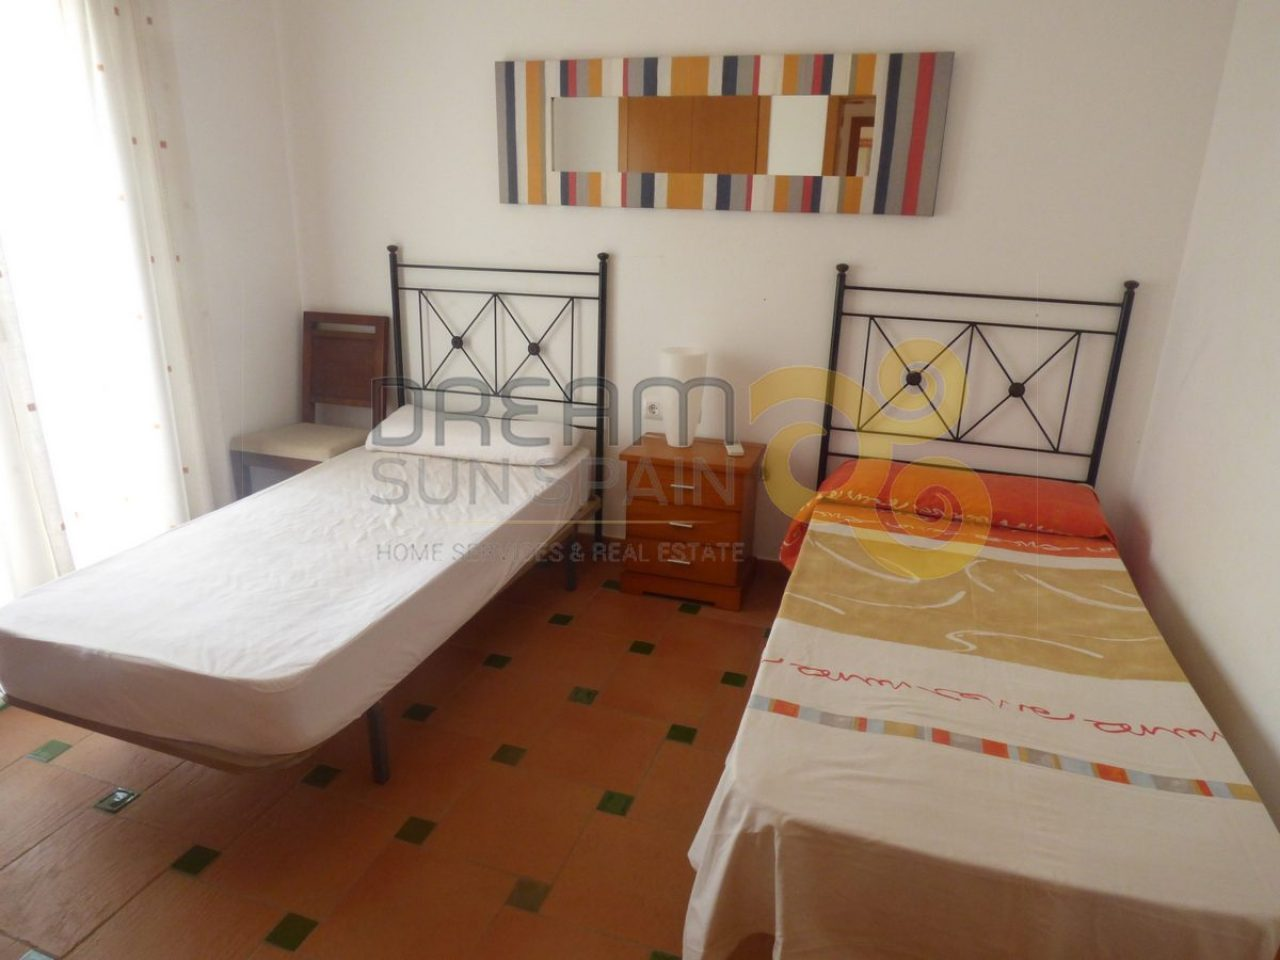 villa-de-3-dormitorios-en-denia